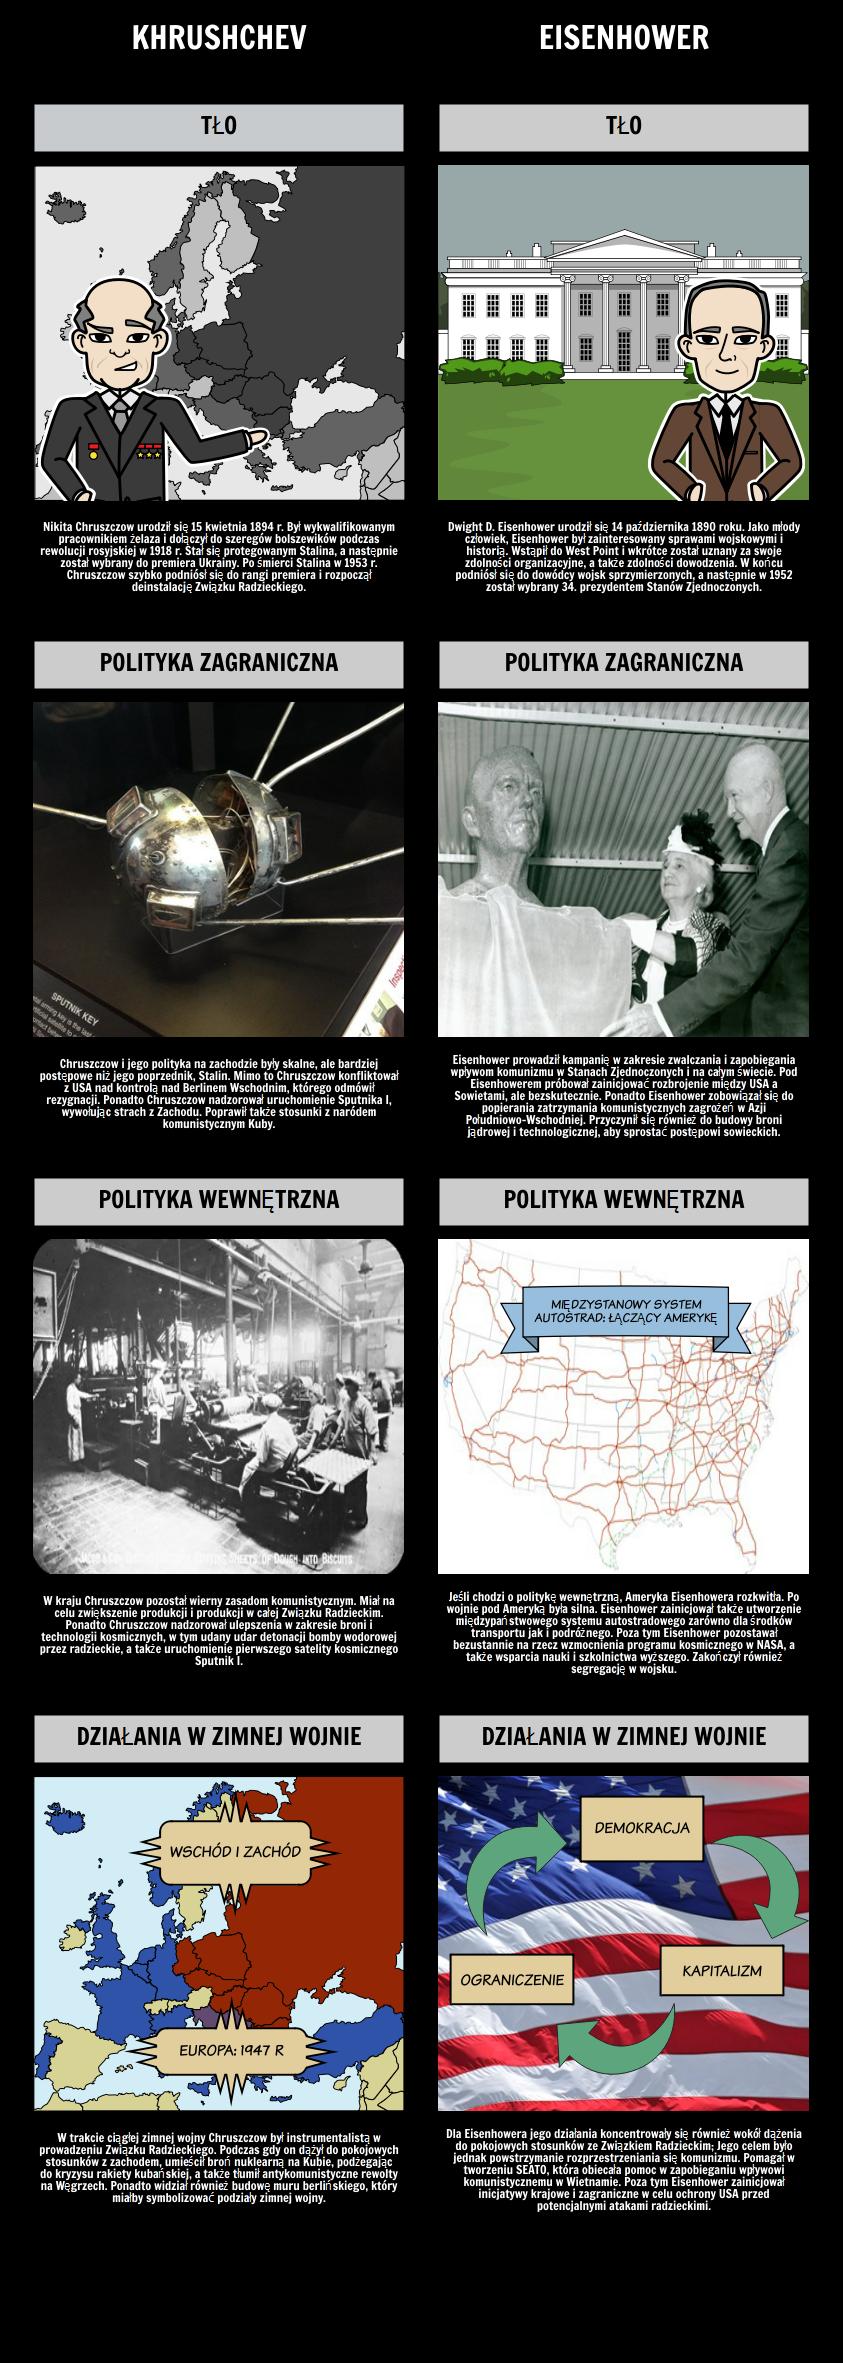 Khrushchev vs. Eisenhower - Przywódcy sił Wschodzących w Zimnej Wojnie